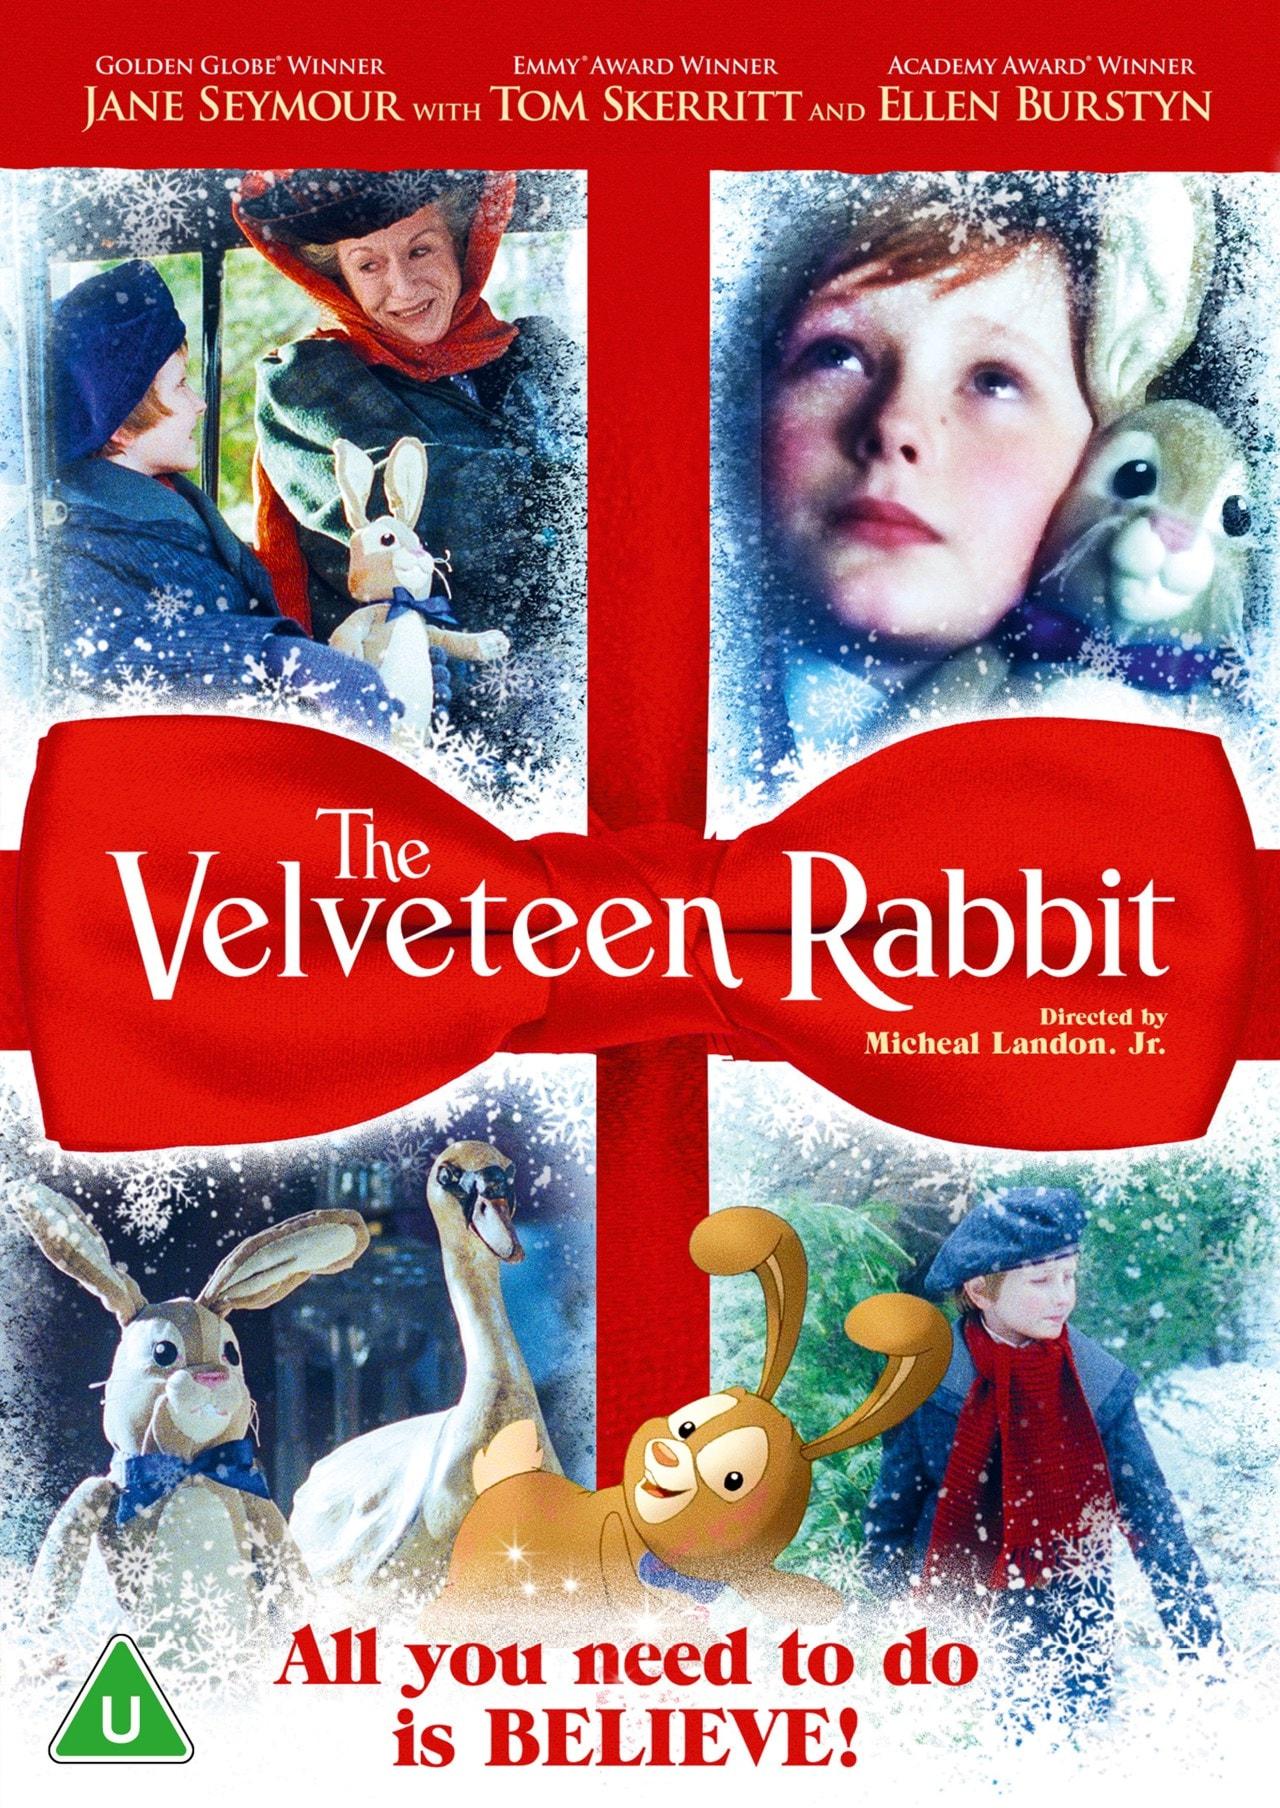 The Velveteen Rabbit - 1